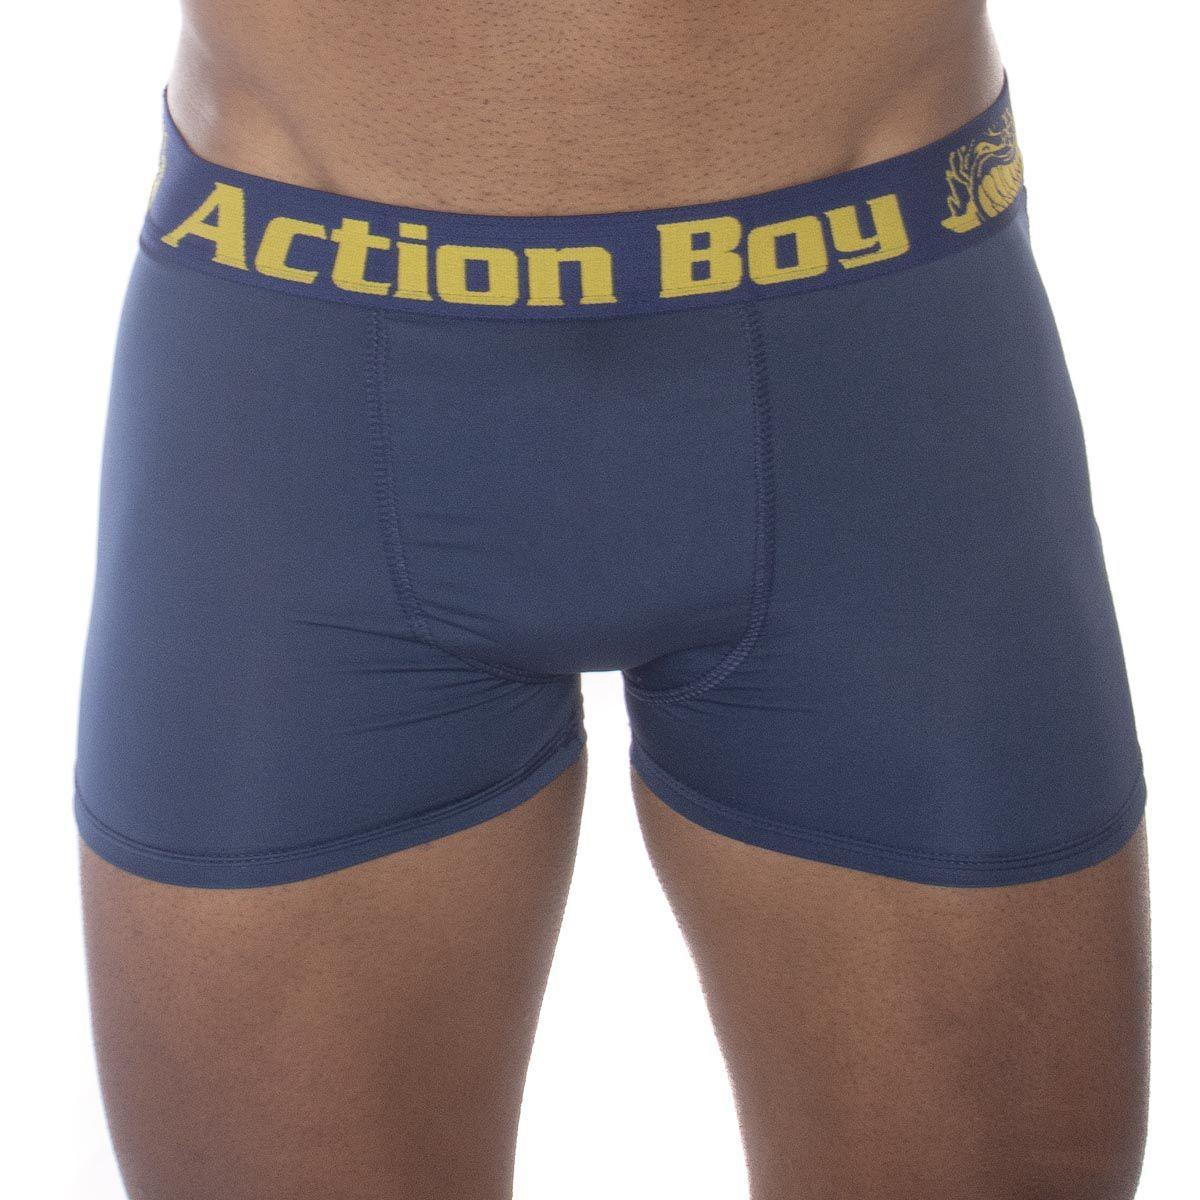 KIT com 10 Cuecas Boxer em Microfibra Lisa Action Boy